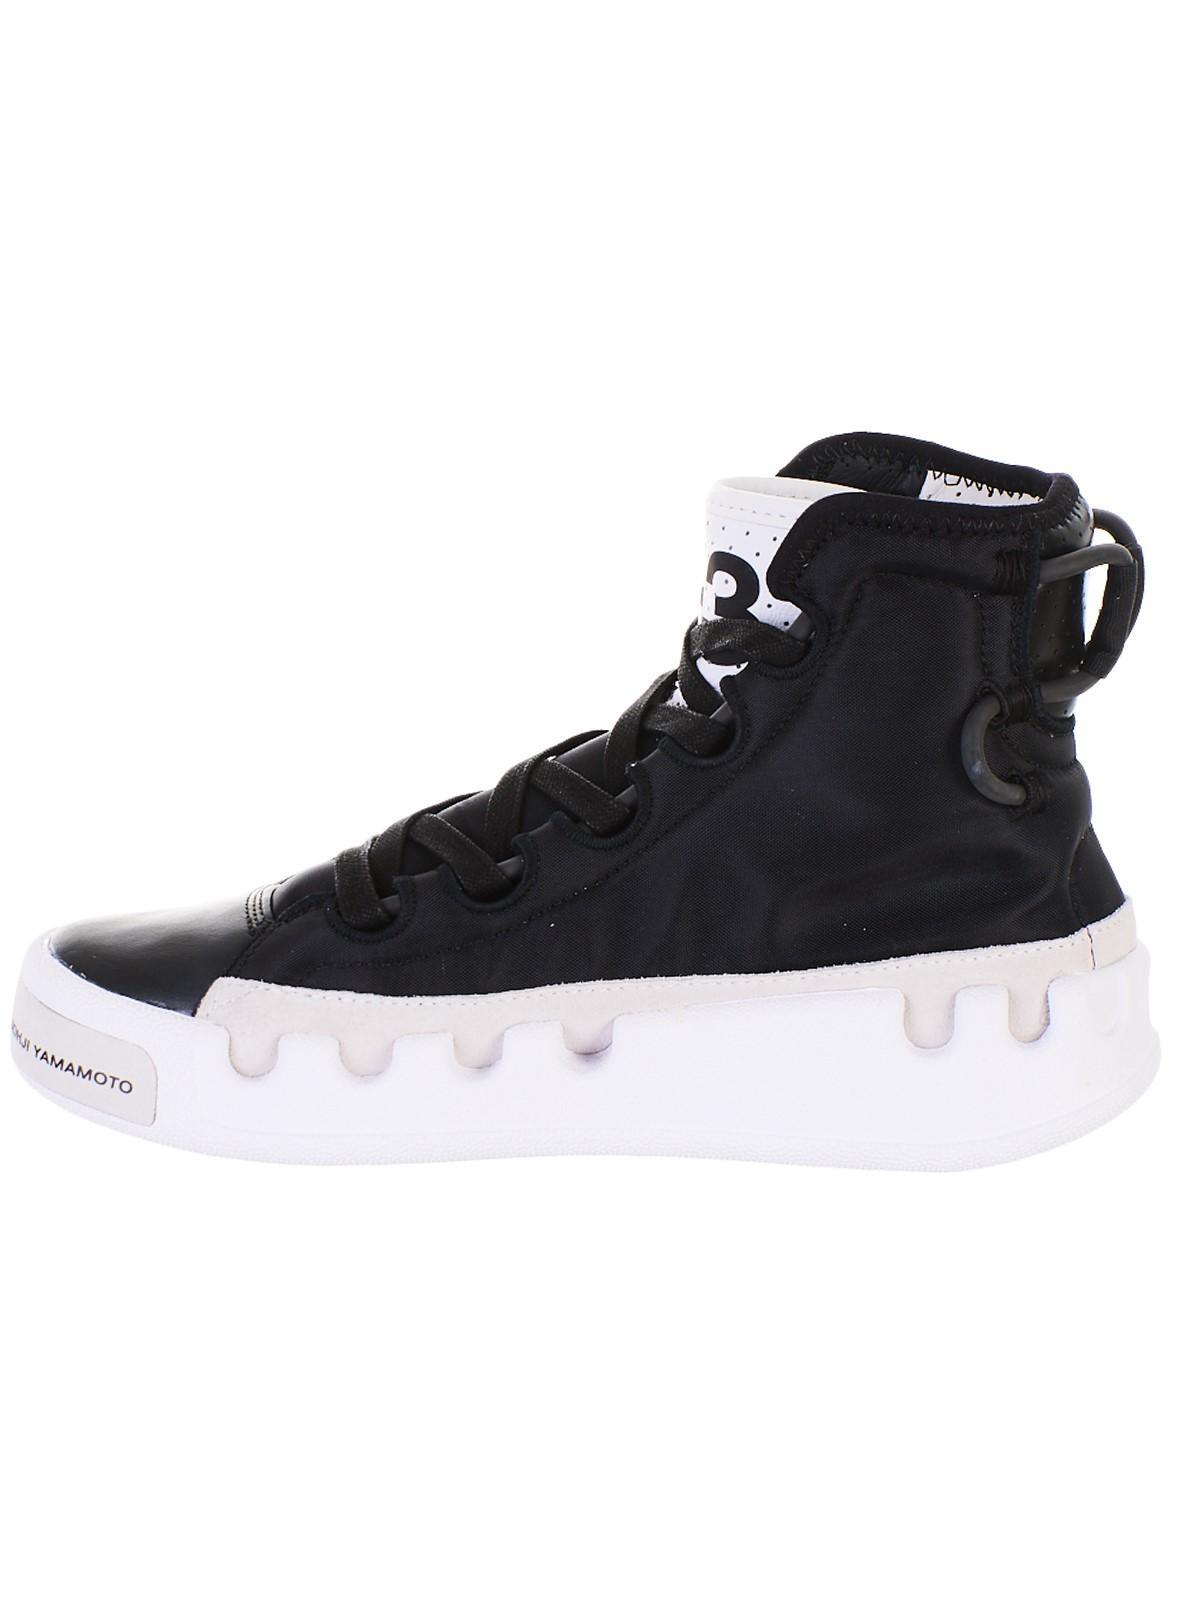 c6ae5ee214aba Lyst - Y-3 Black Kasabaru Sneakers in Black for Men - Save 1%